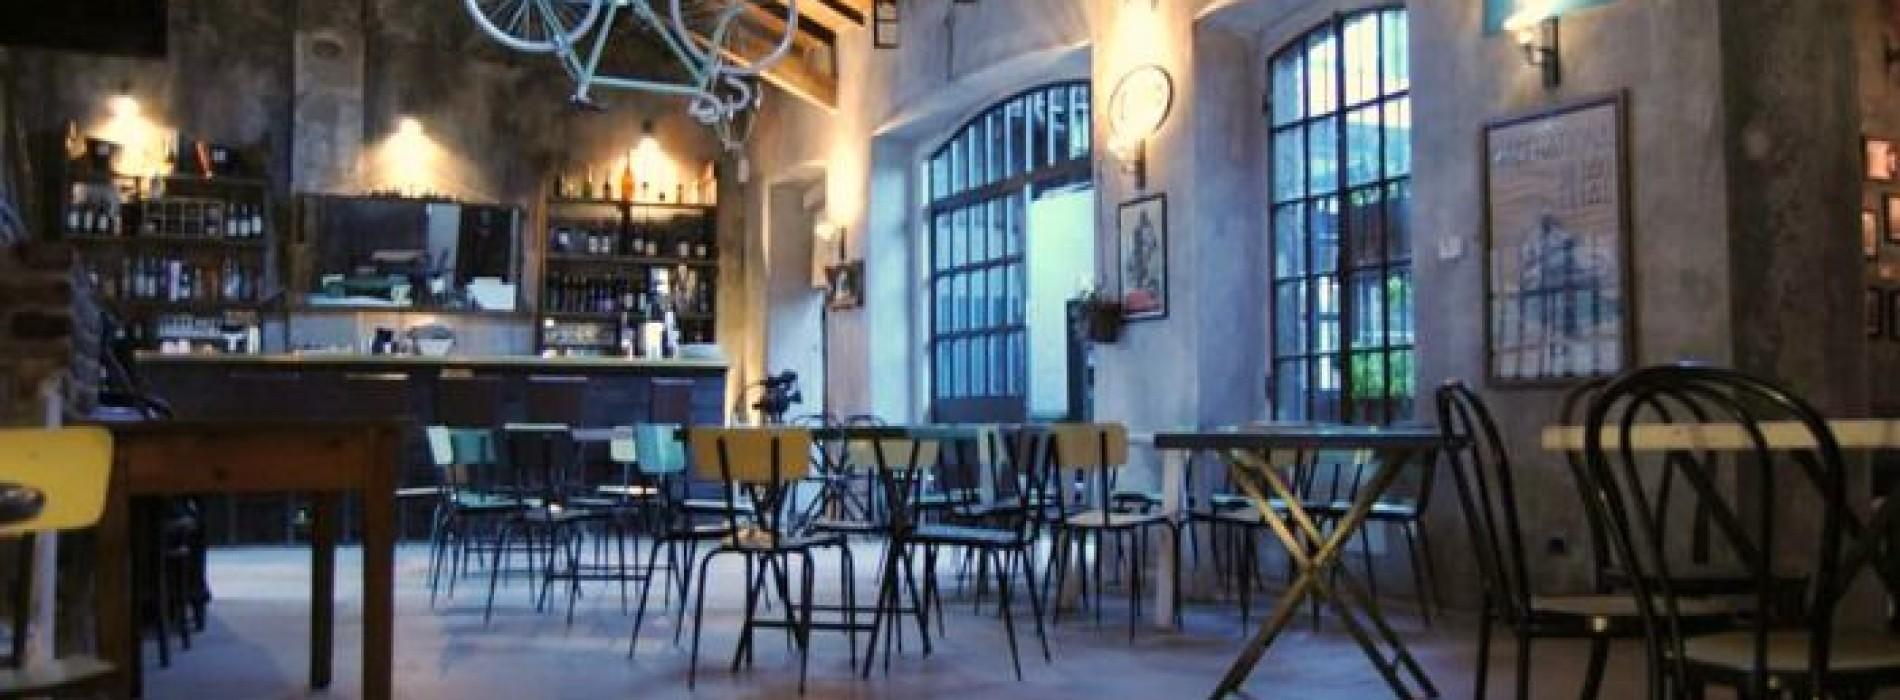 Brunch a Milano 2014: Fonderie Milanesi, Milano Bakery e Dedans